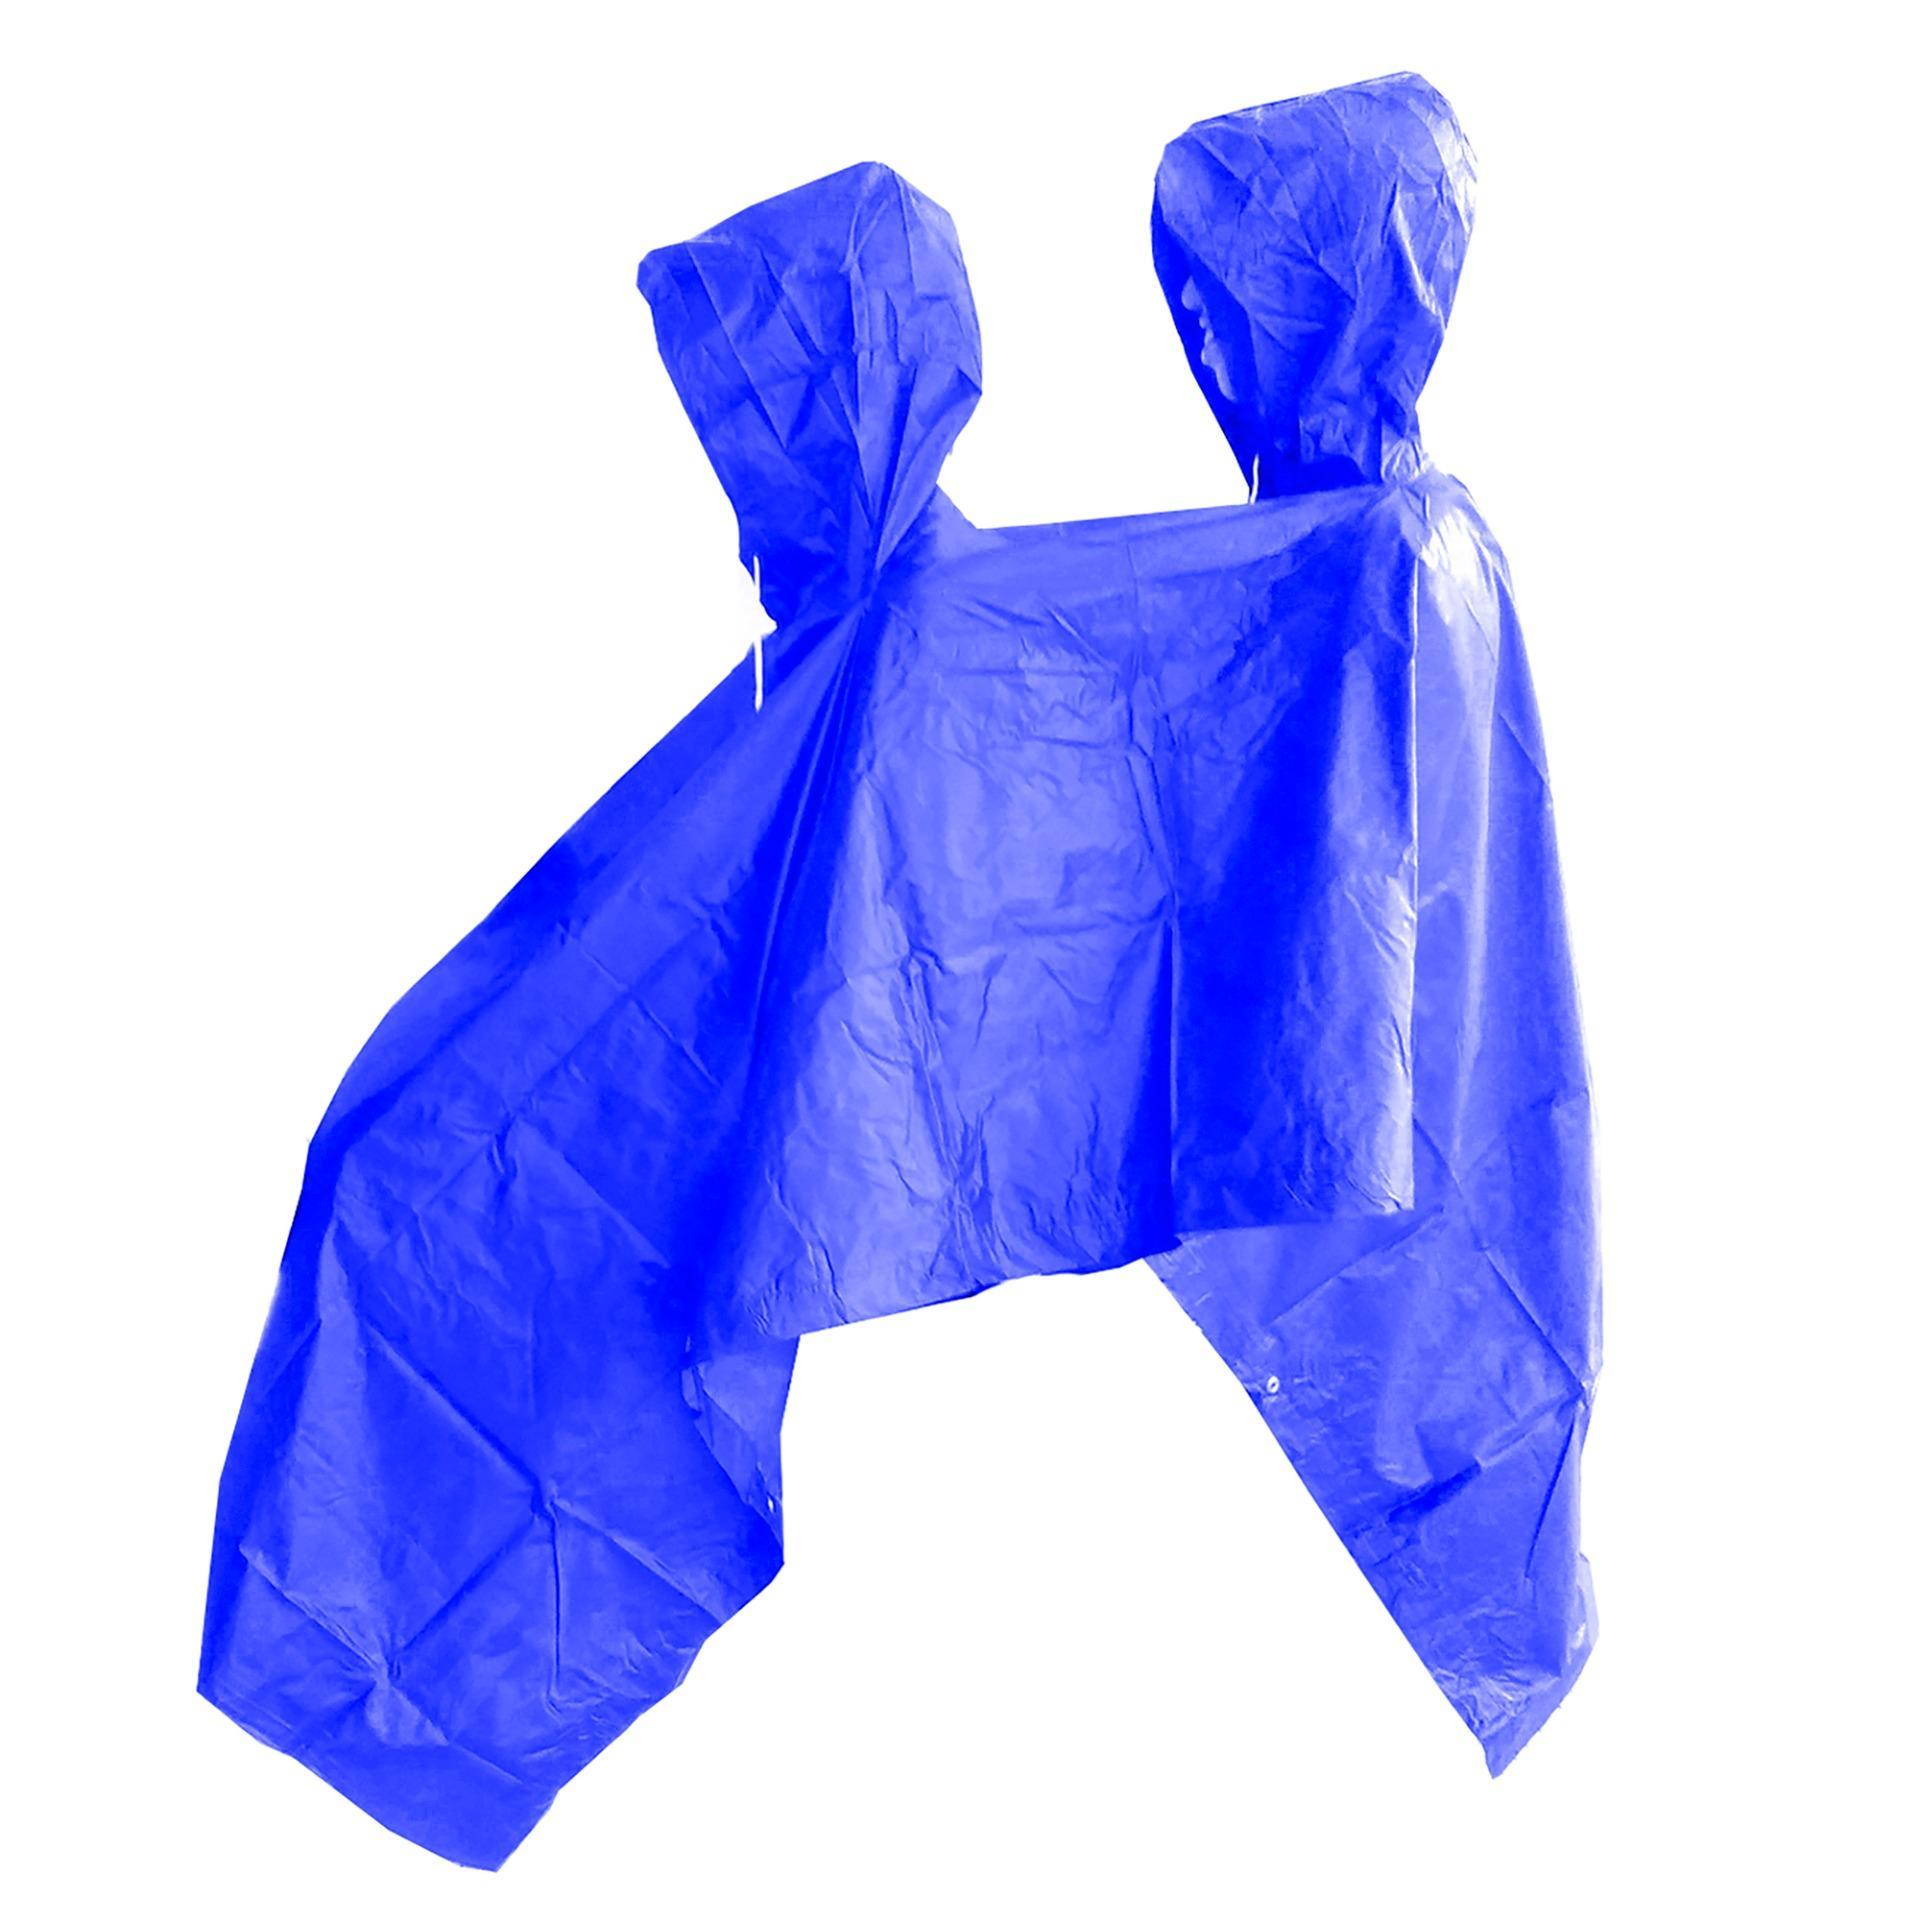 Jas Hujan Ponco 2 Kepala - Bahan Taslan Seperti Jashujan AXIO - Bukan Bahan Karet - Dijamin Tidak Mudah Sobek